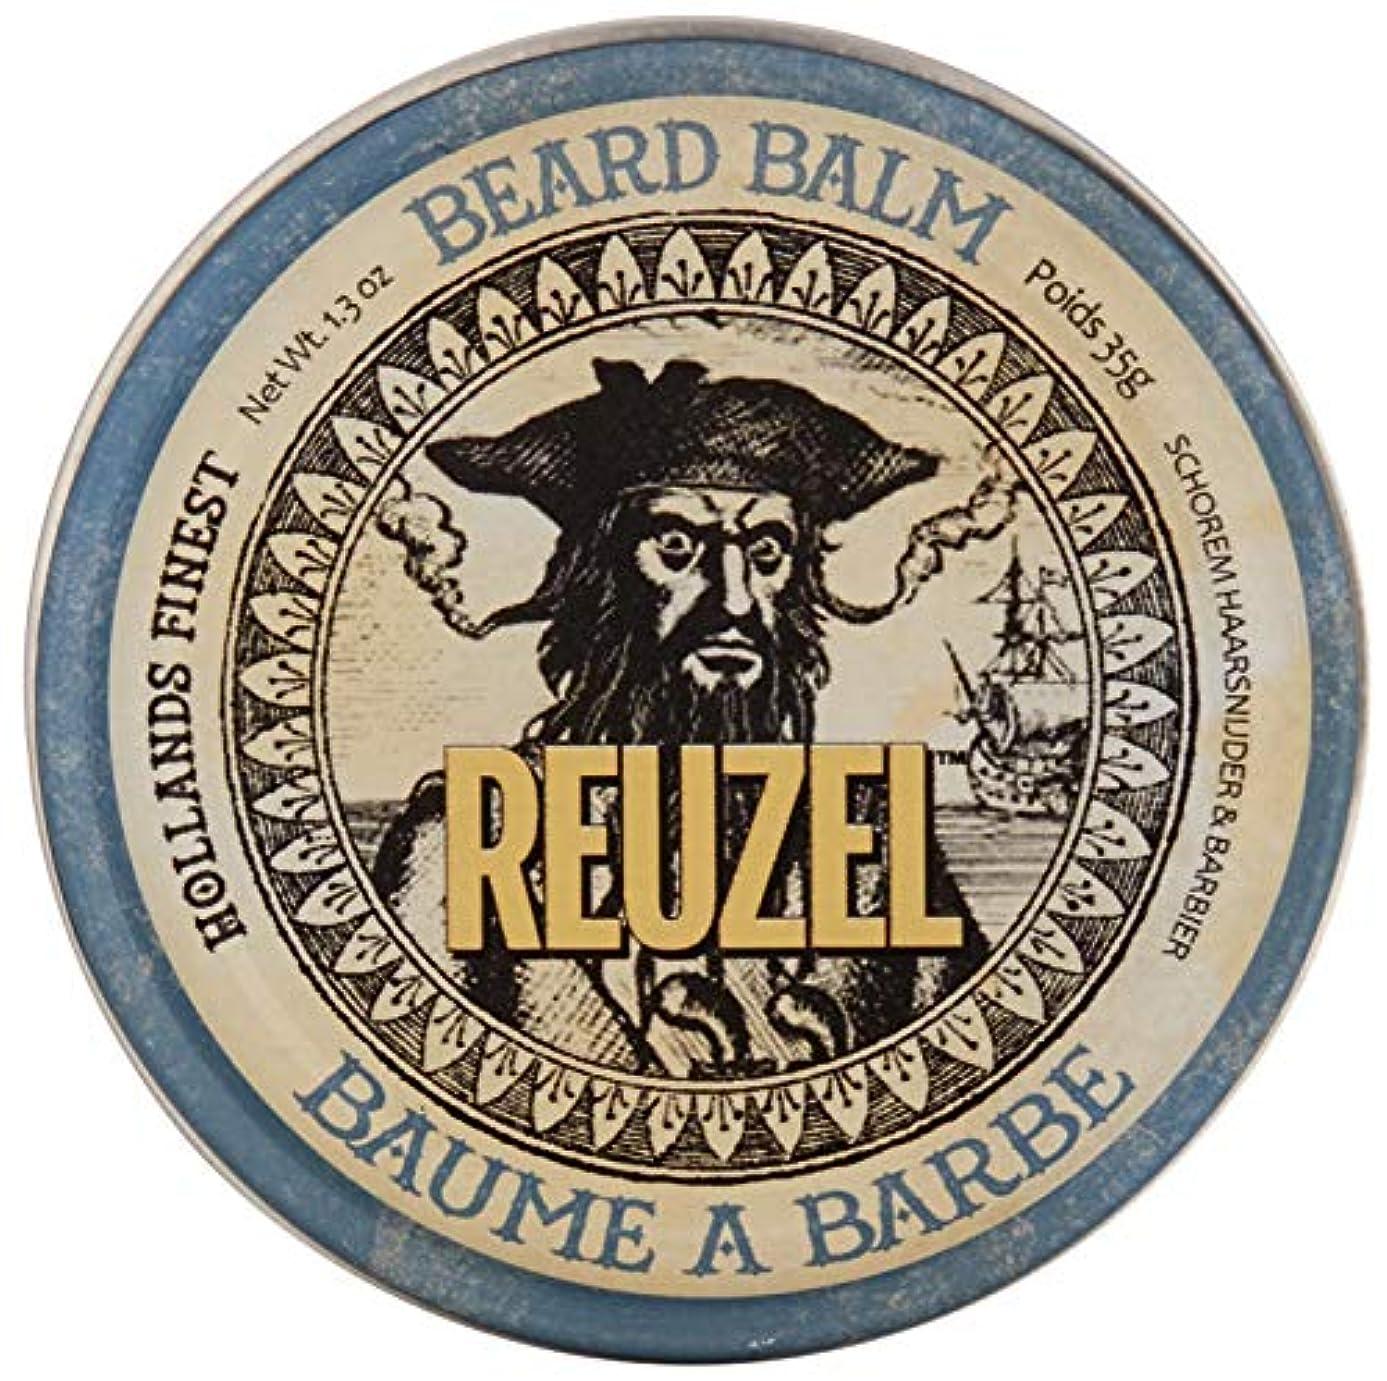 ブラジャー好色な再びreuzel BEARD BALM 1.3 oz by REUZEL